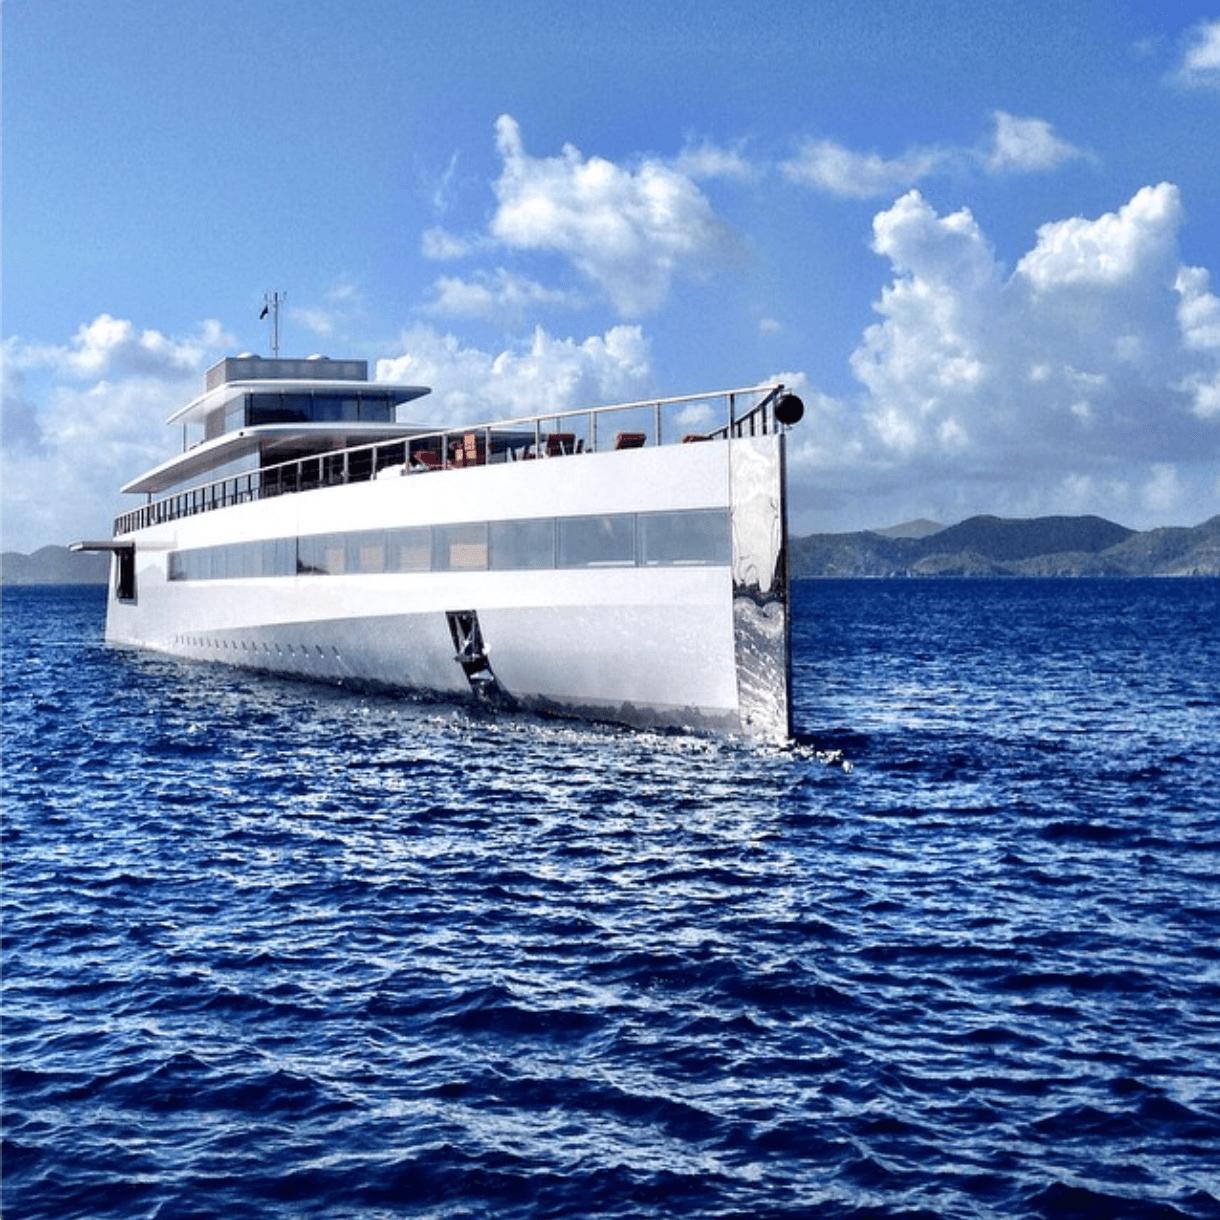 Yacht Steve Jobs 2